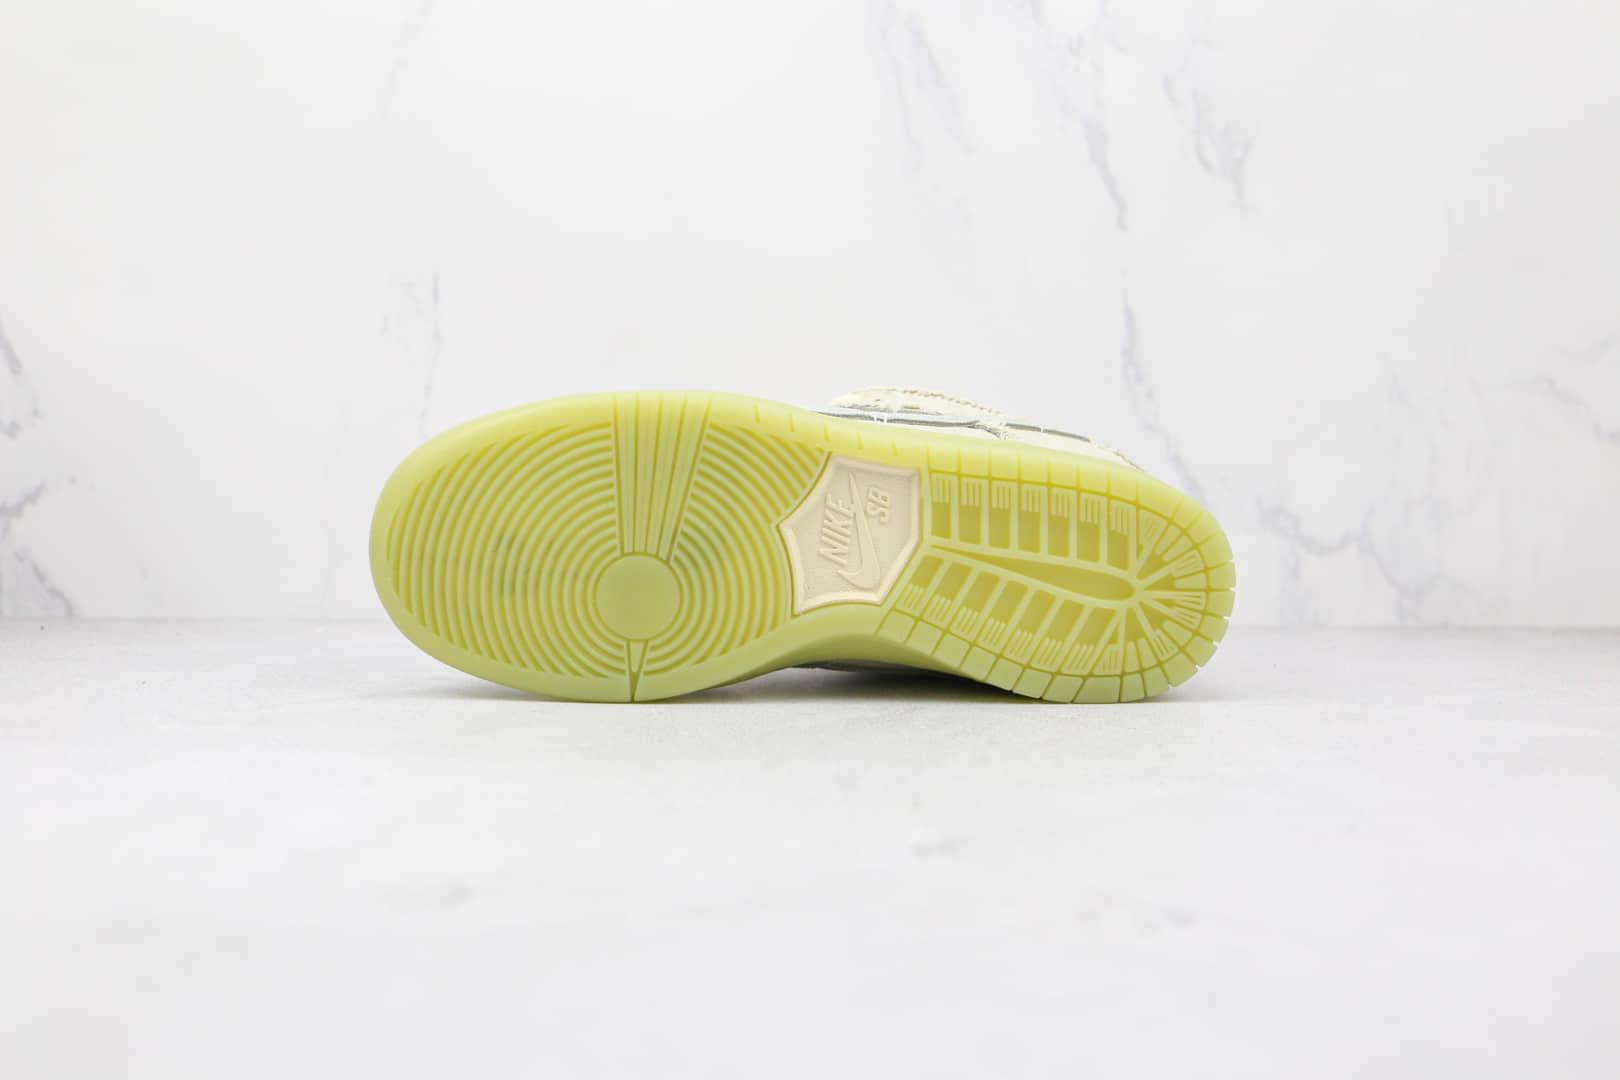 耐克Nike SB Dunk Low Mummy纯原版本低帮SB DUNK米白夜光木乃伊布面板鞋原档案数据开发 货号:DM0774-111